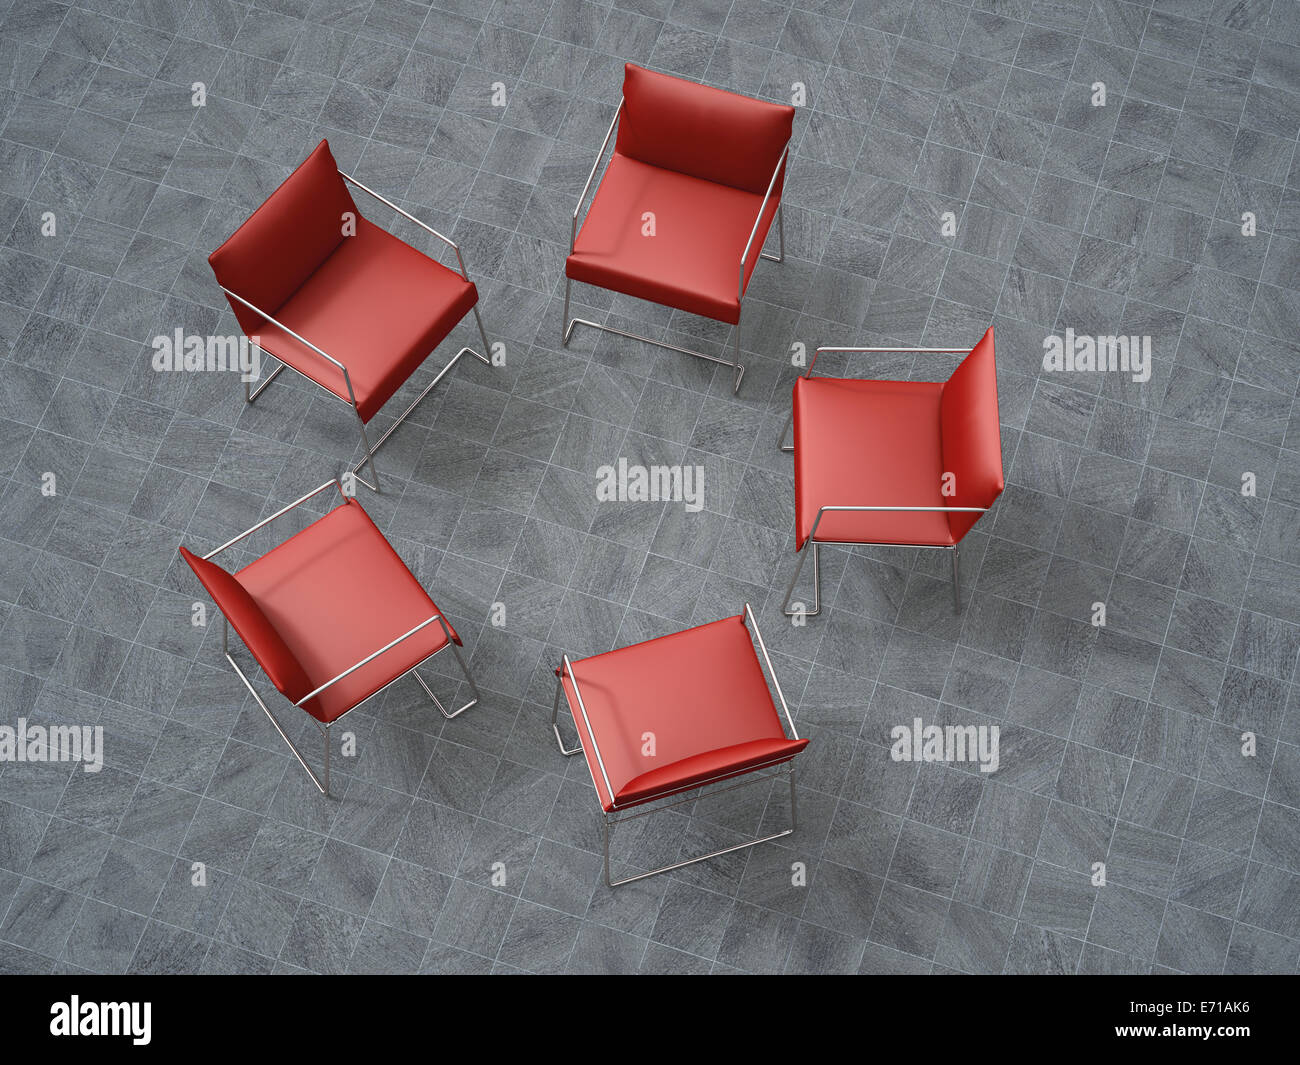 3D Rendering, cinque sedie rosse in un cerchio Immagini Stock